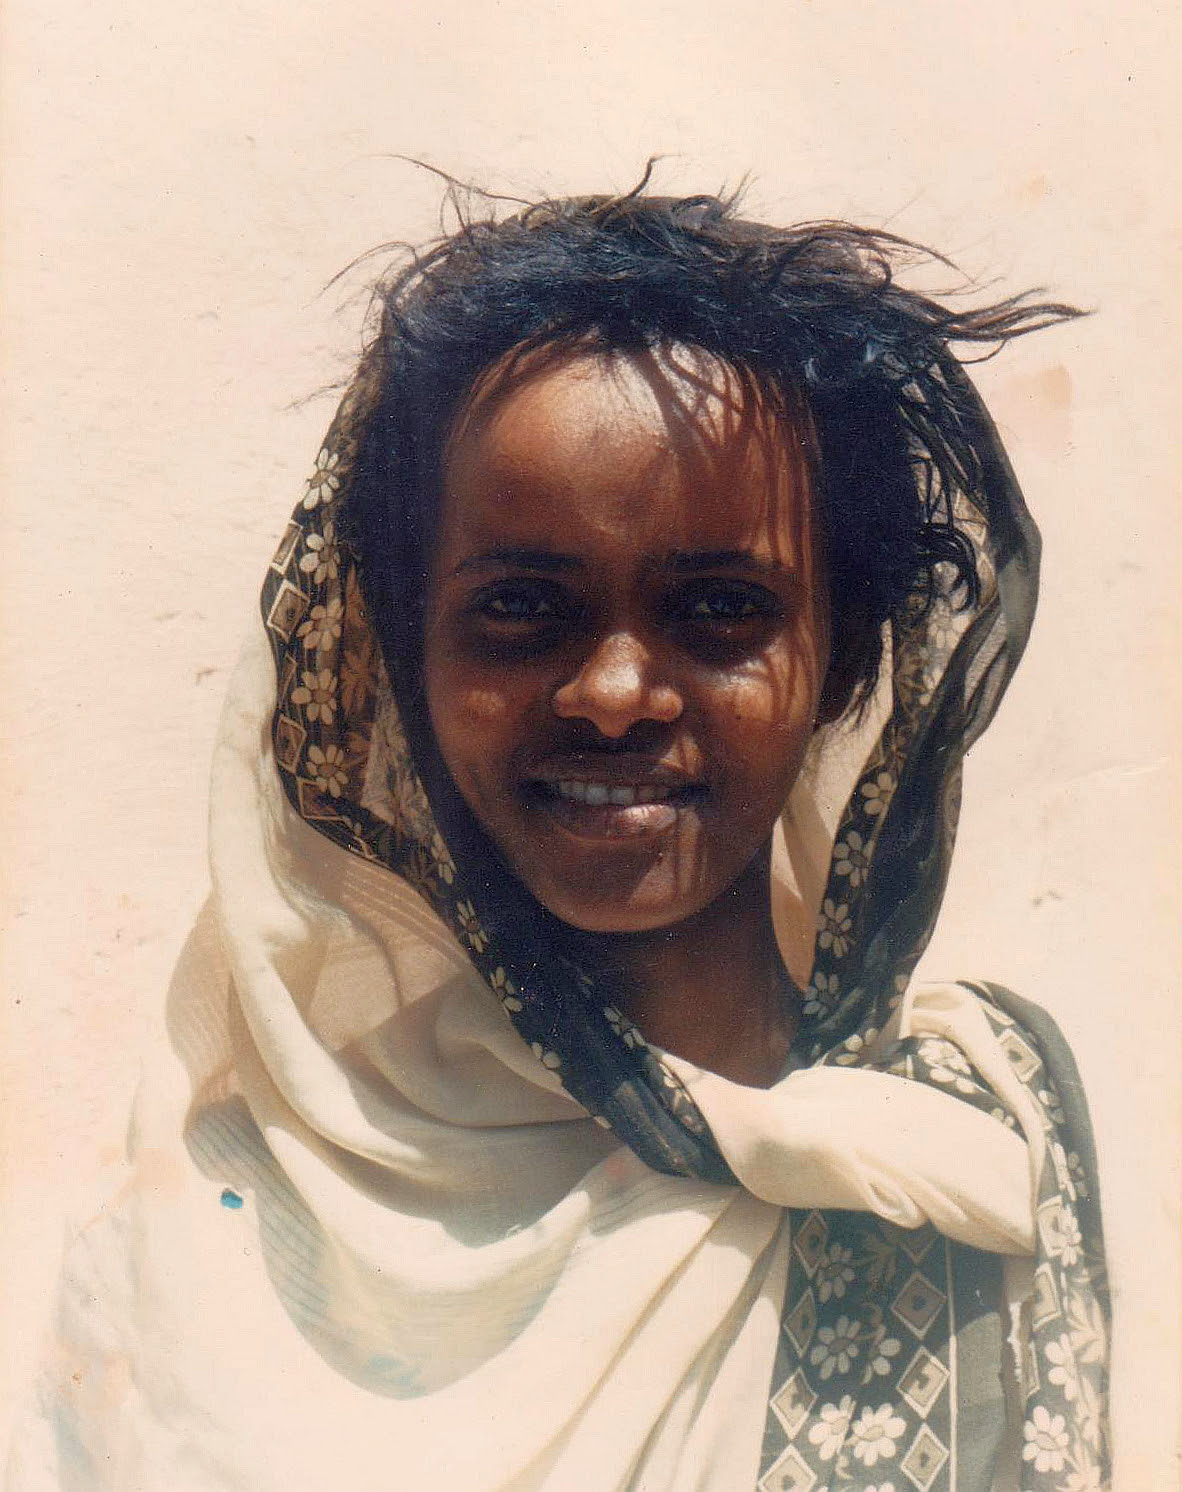 Somali_girl_01